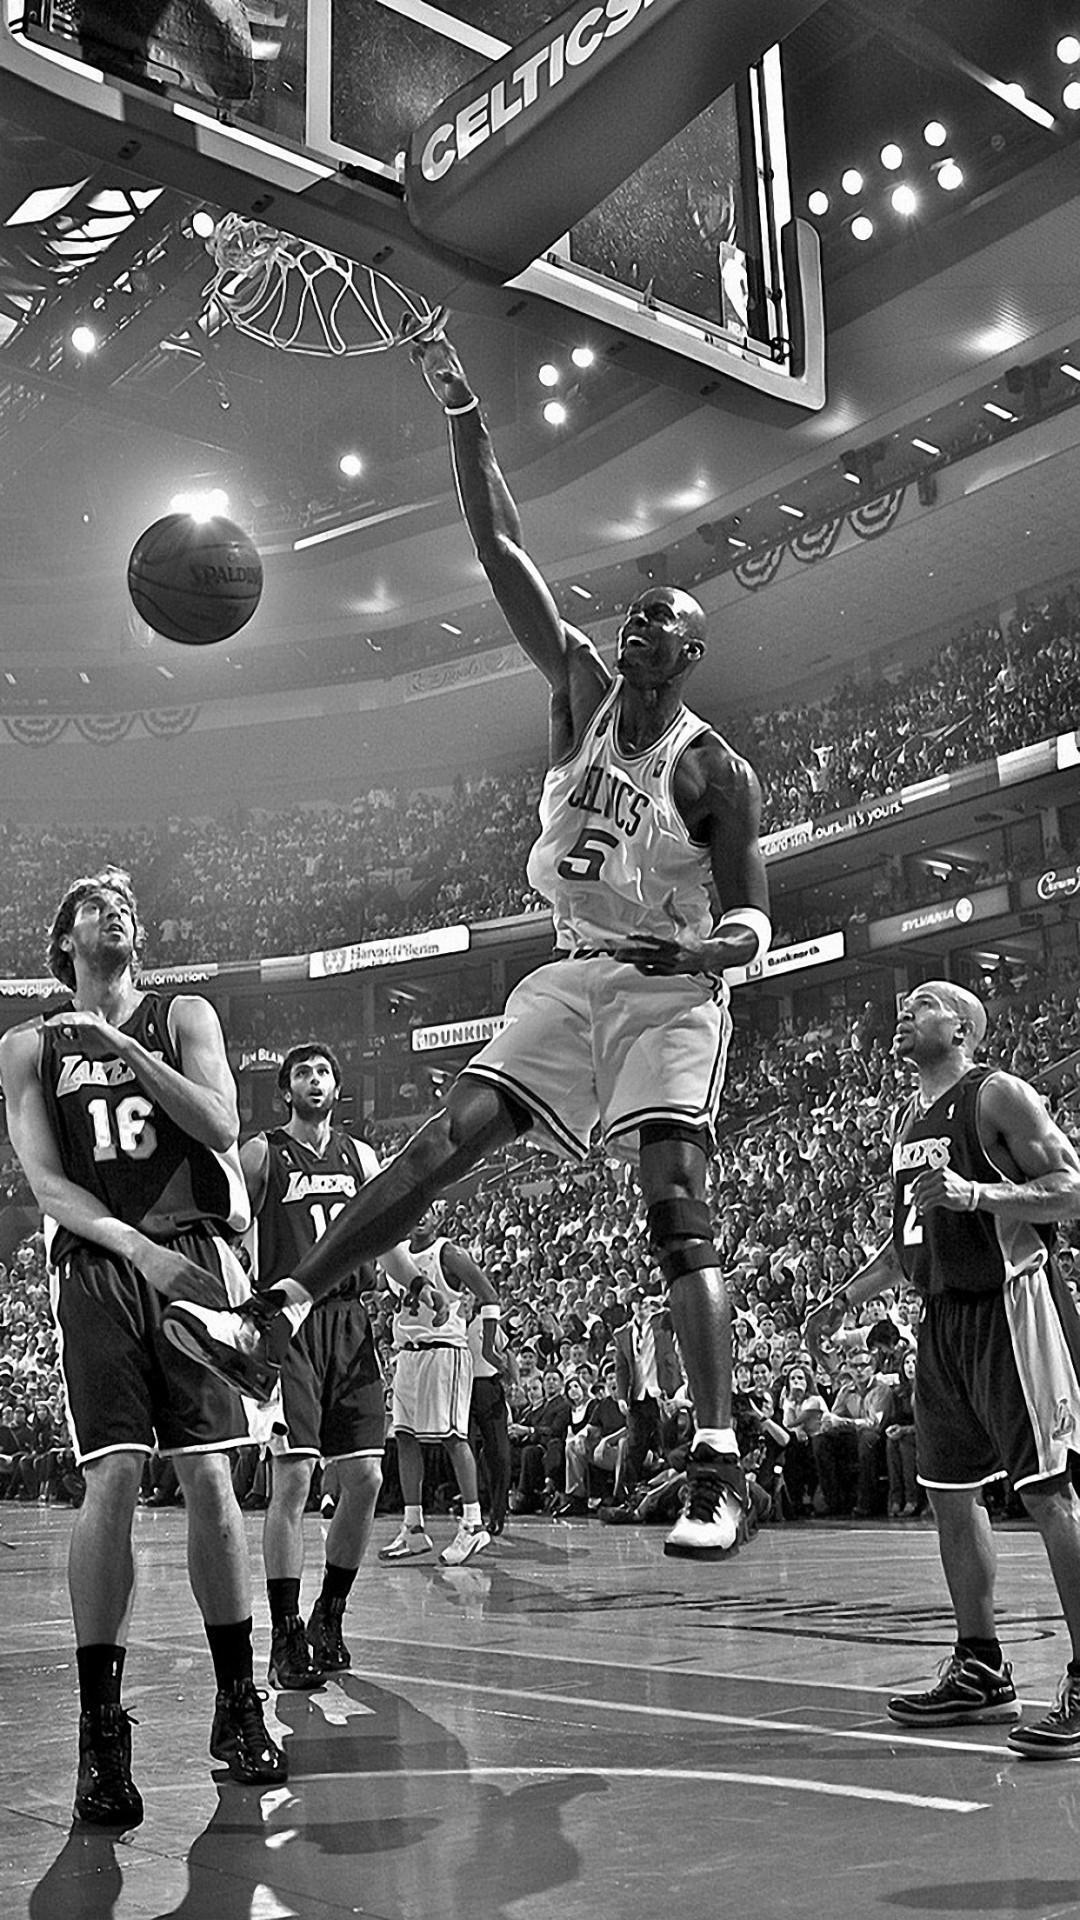 NBA Basketball iPhone 8 Wallpaper 2020 Basketball Wallpaper 1080x1920